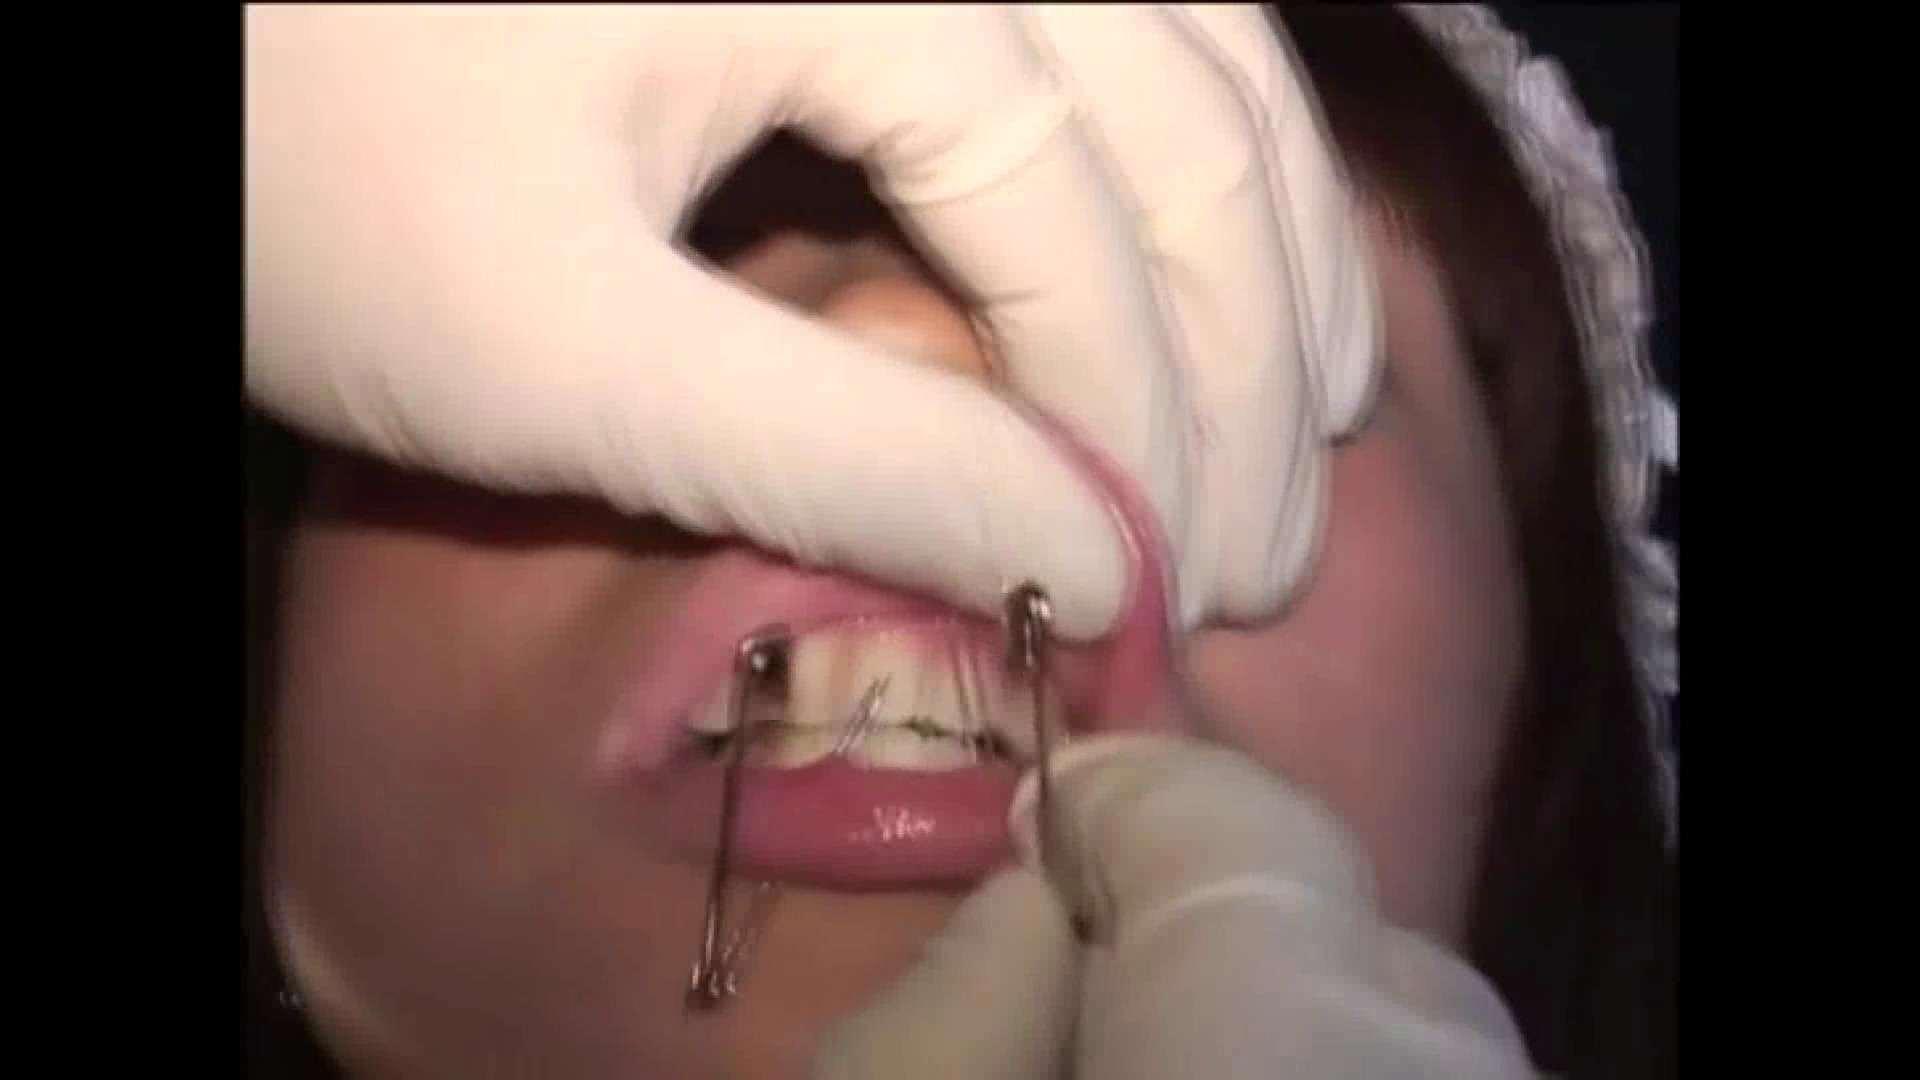 もっと衝撃的な刺激が欲しいの Vol.01 悪戯 ヌード画像 81pic 56